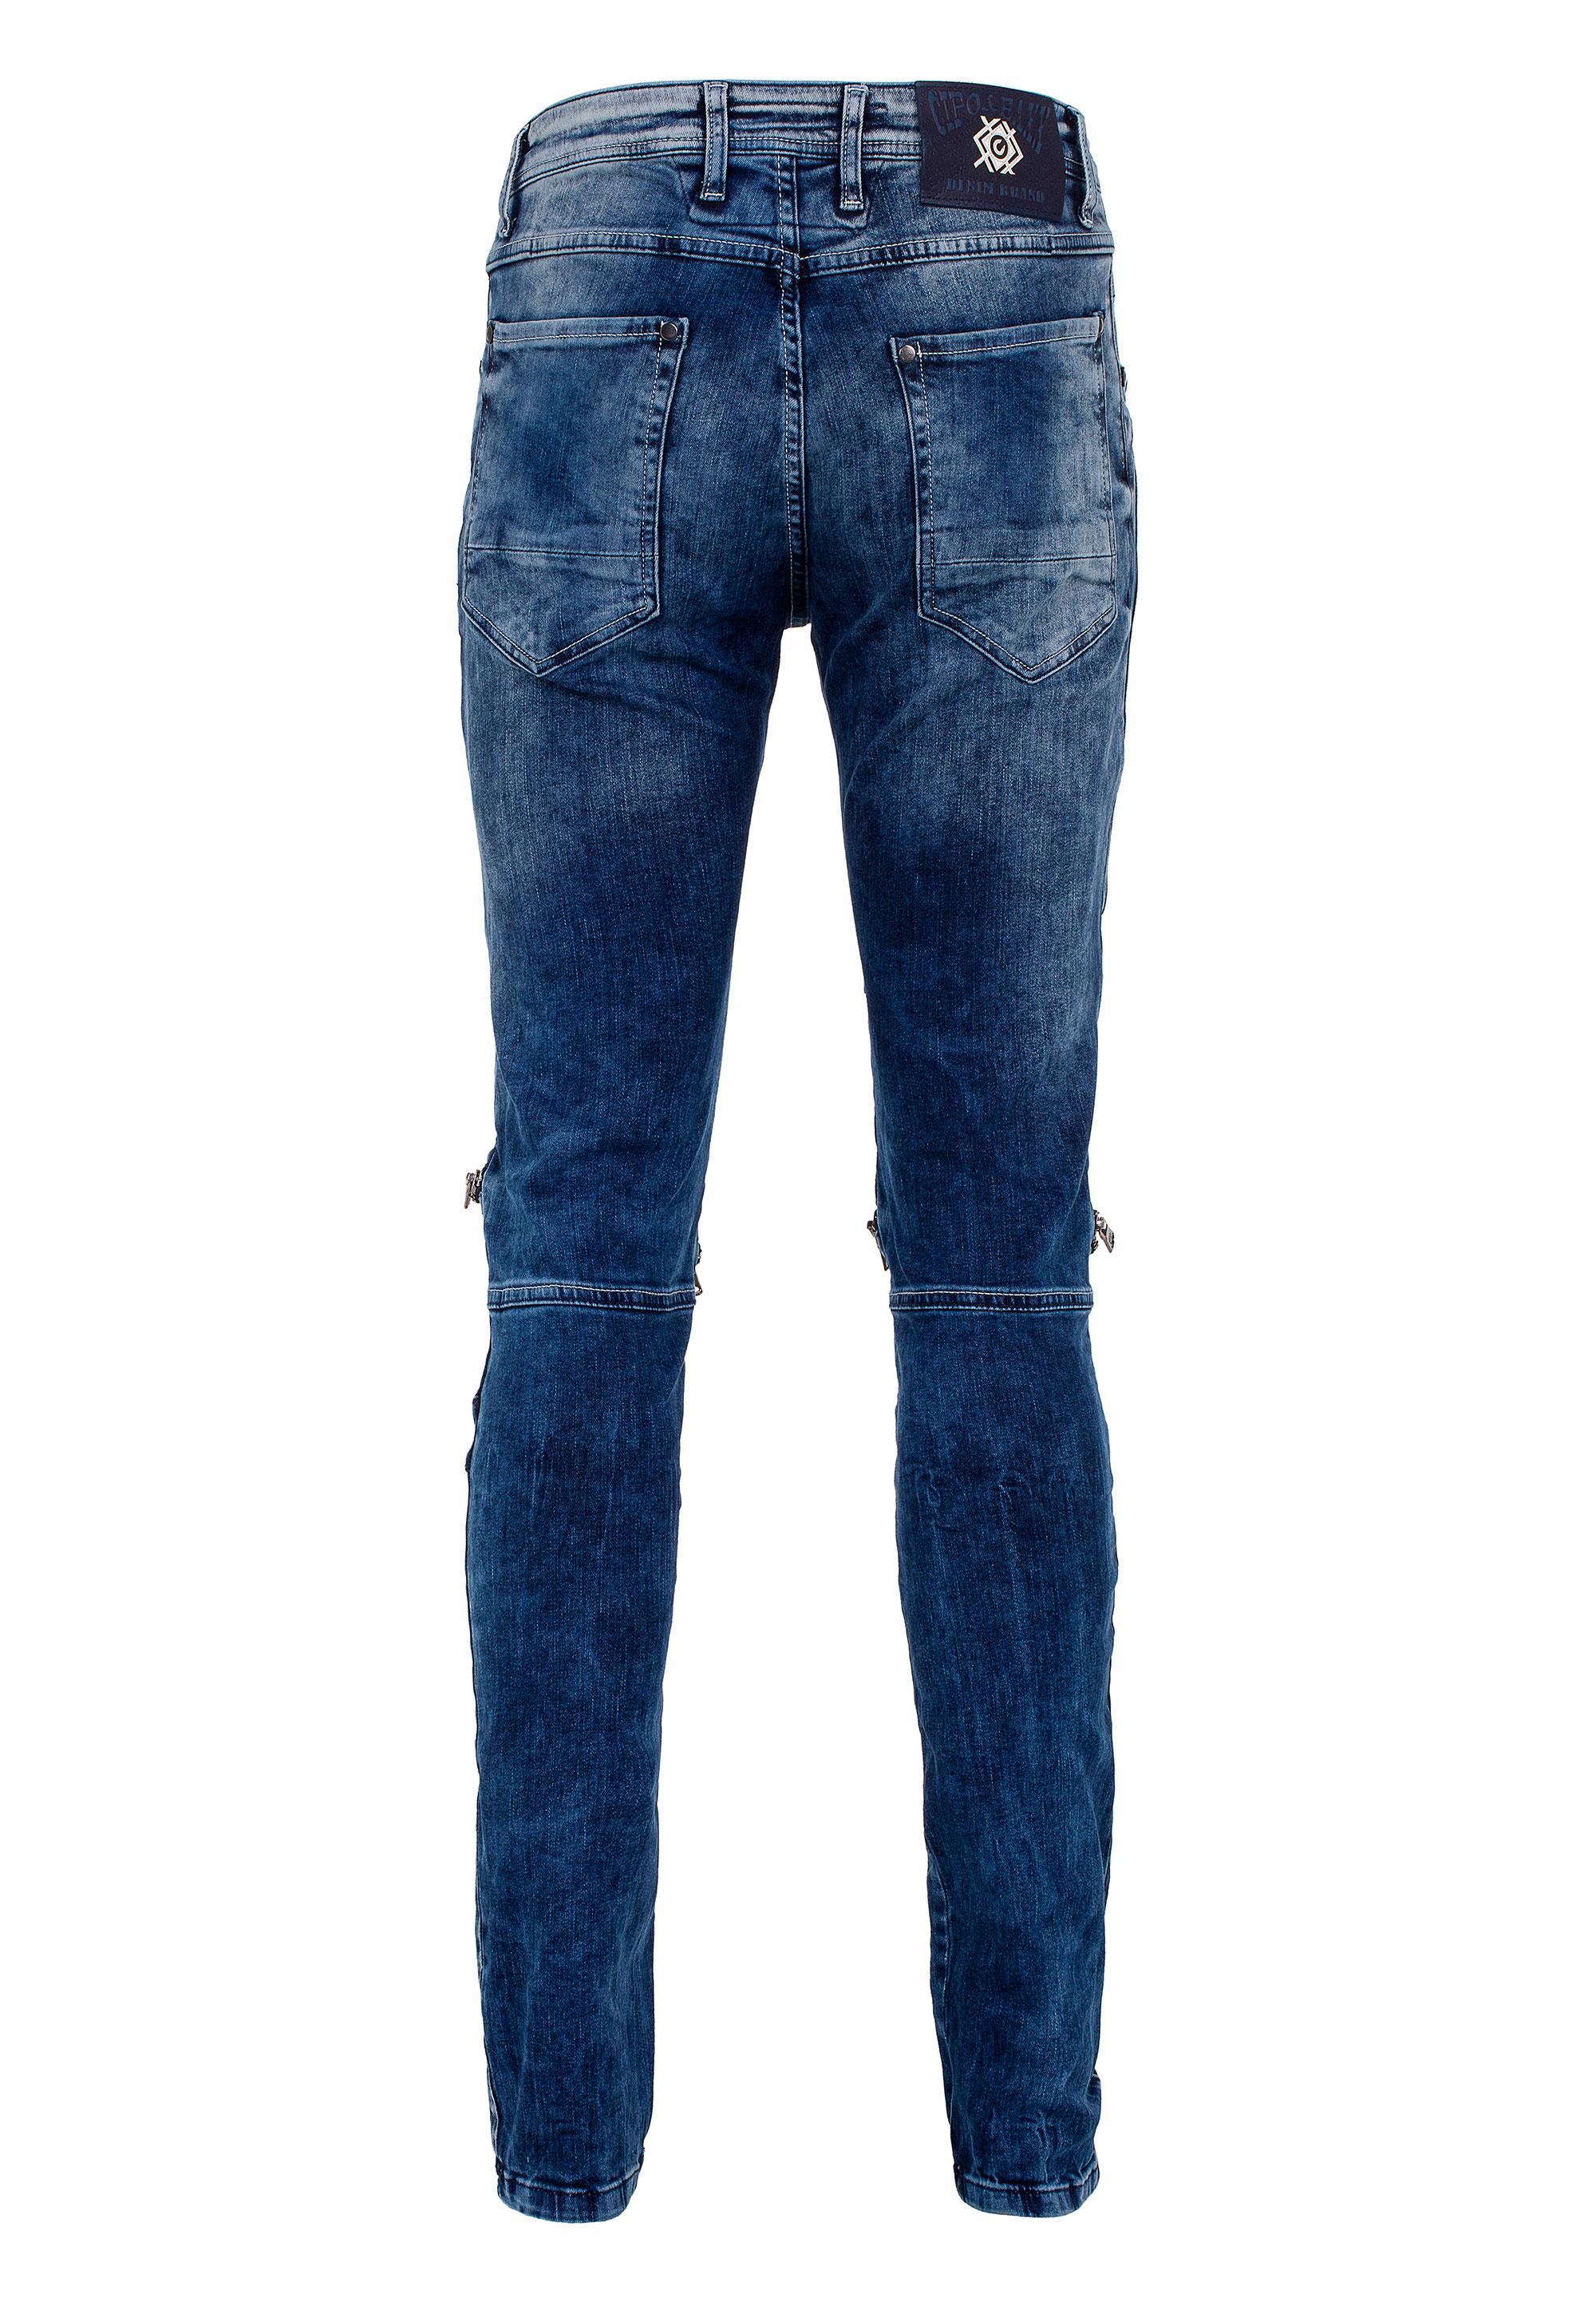 Cipo & Baxx Jeans Street Biker in Blue günstig kaufen